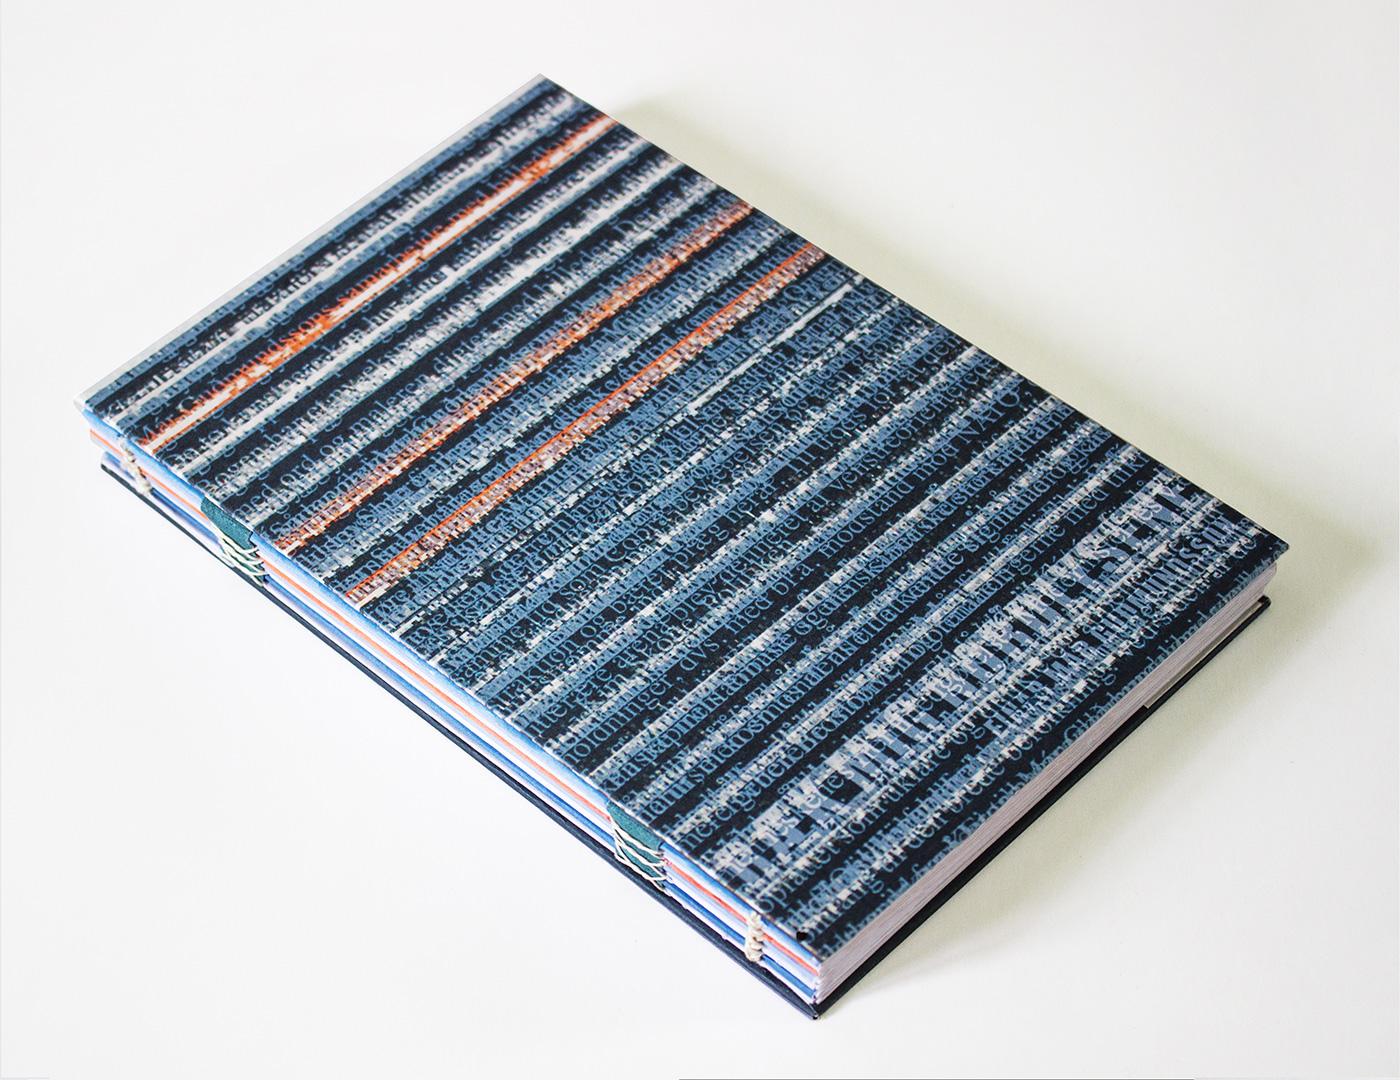 book_cover_design_artist_kunstner_graphic_designer_grafisk_designer_marie_broegger_layout_typografi_typography-7